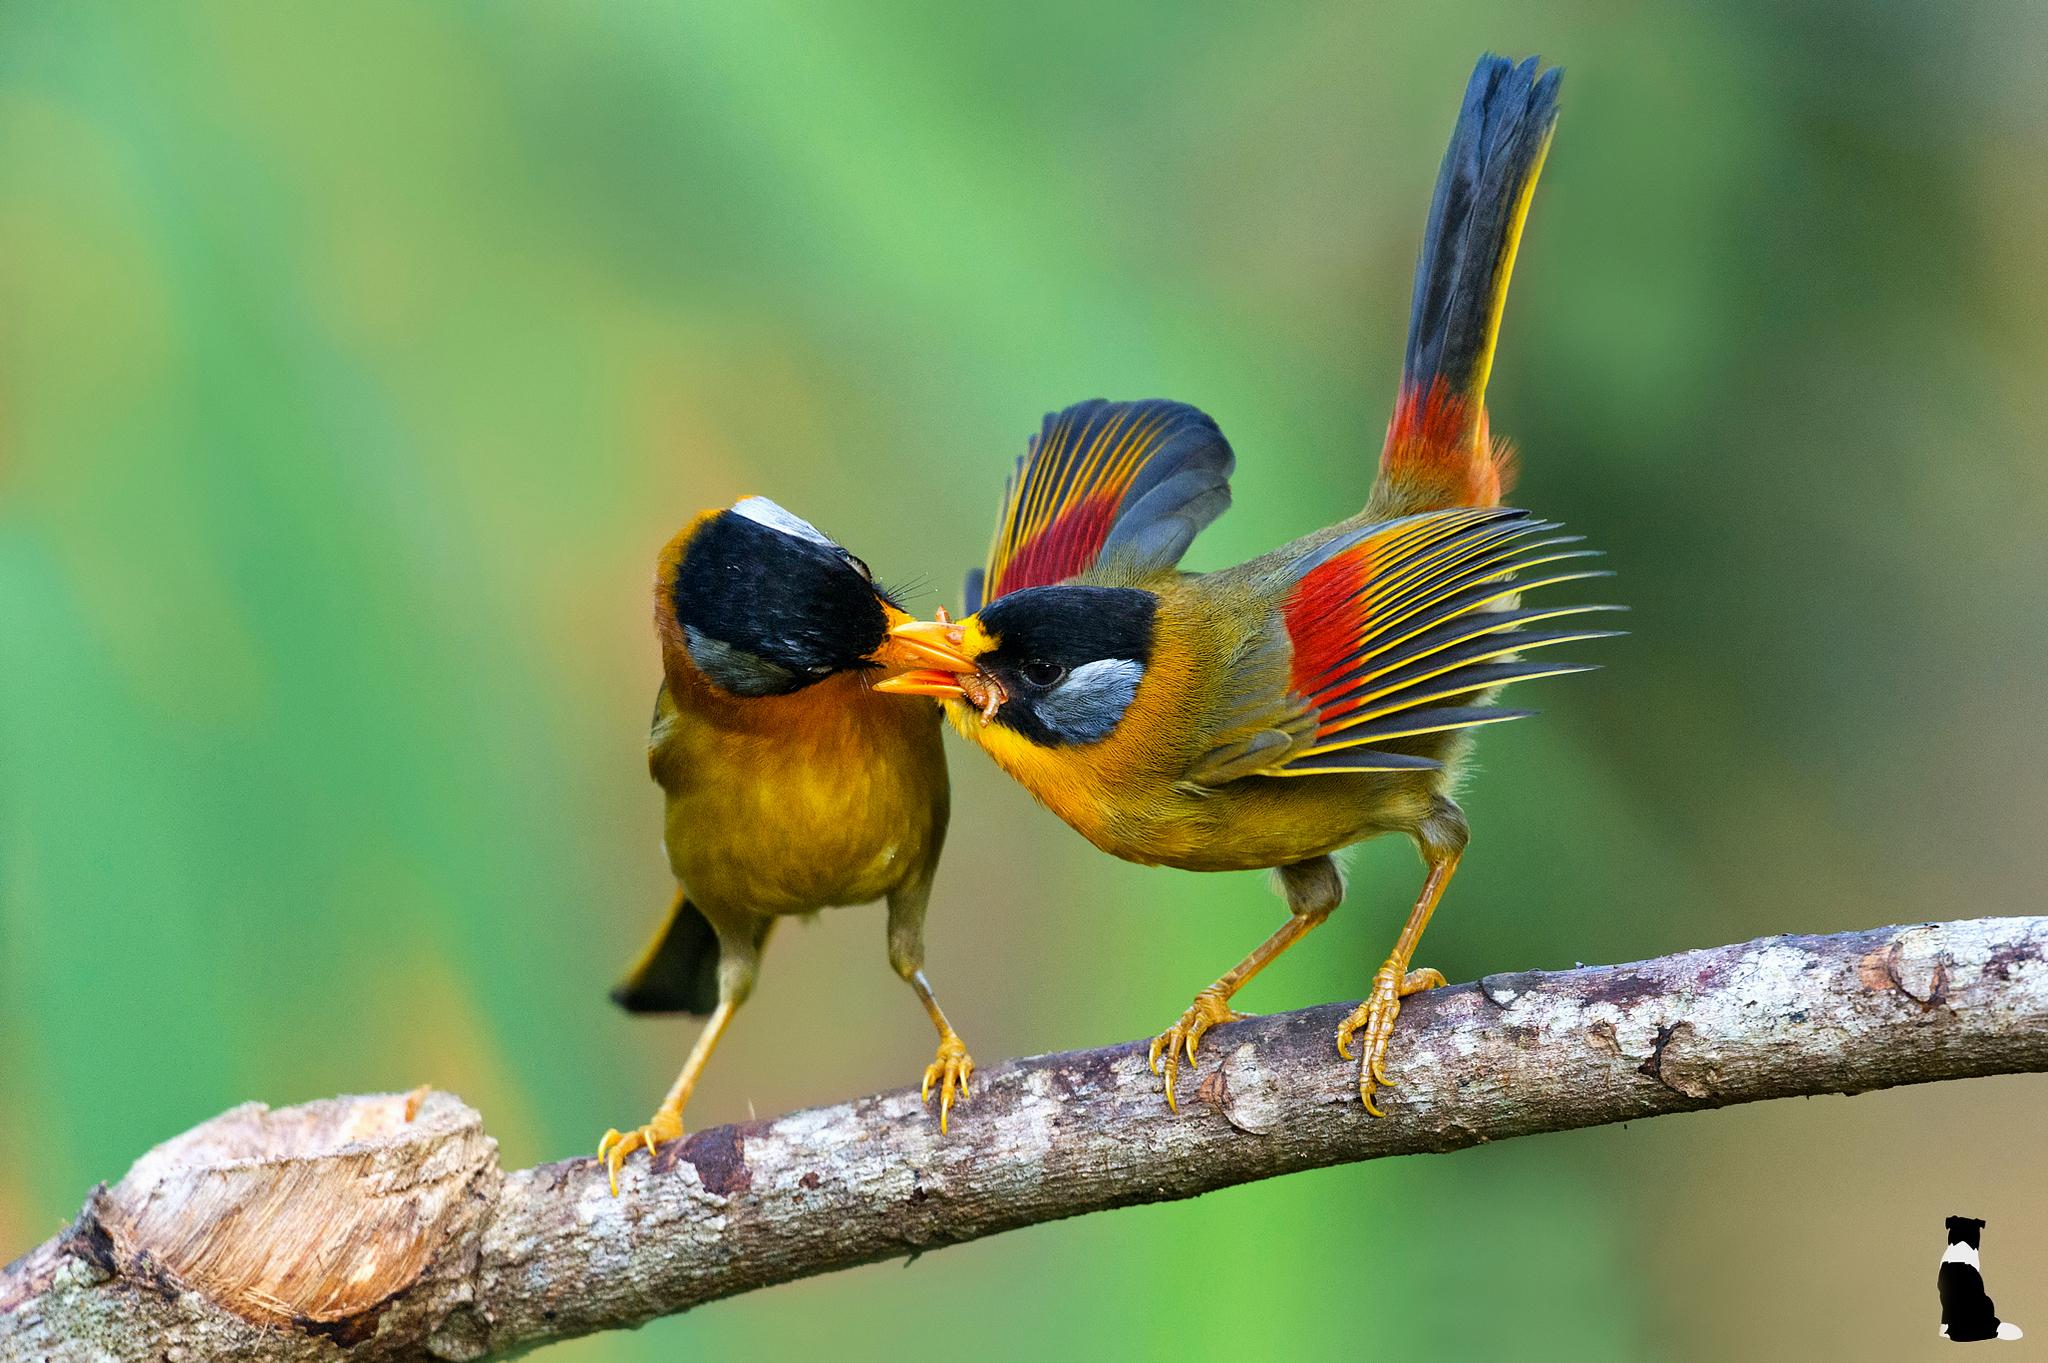 Две птички на стебле кукурузы  № 1532781 загрузить